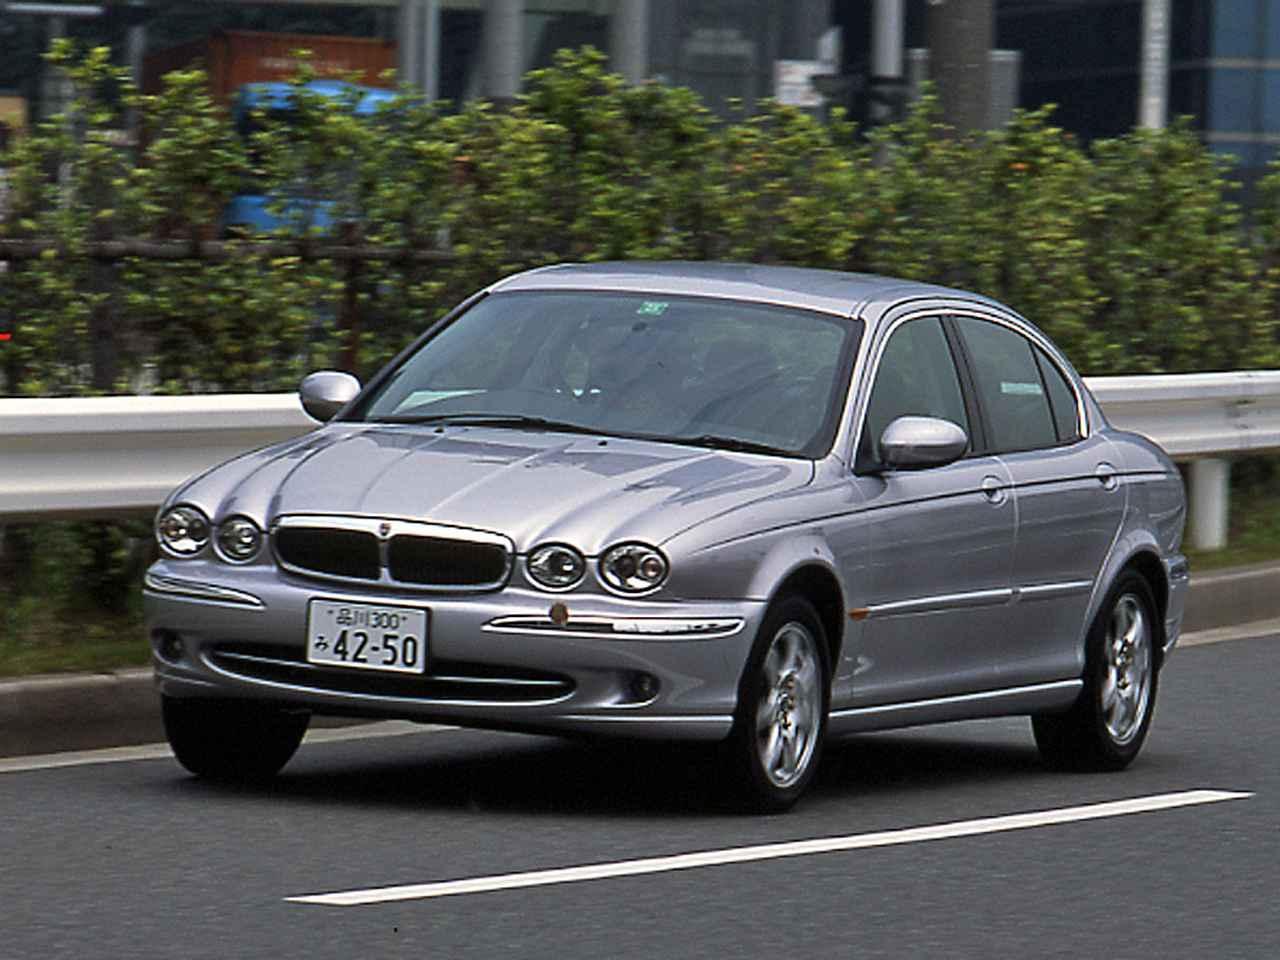 【懐かしの輸入車 39】ジャガー Xタイプは2Lを搭載してコストパフォーマンスにも優れた高級車となった